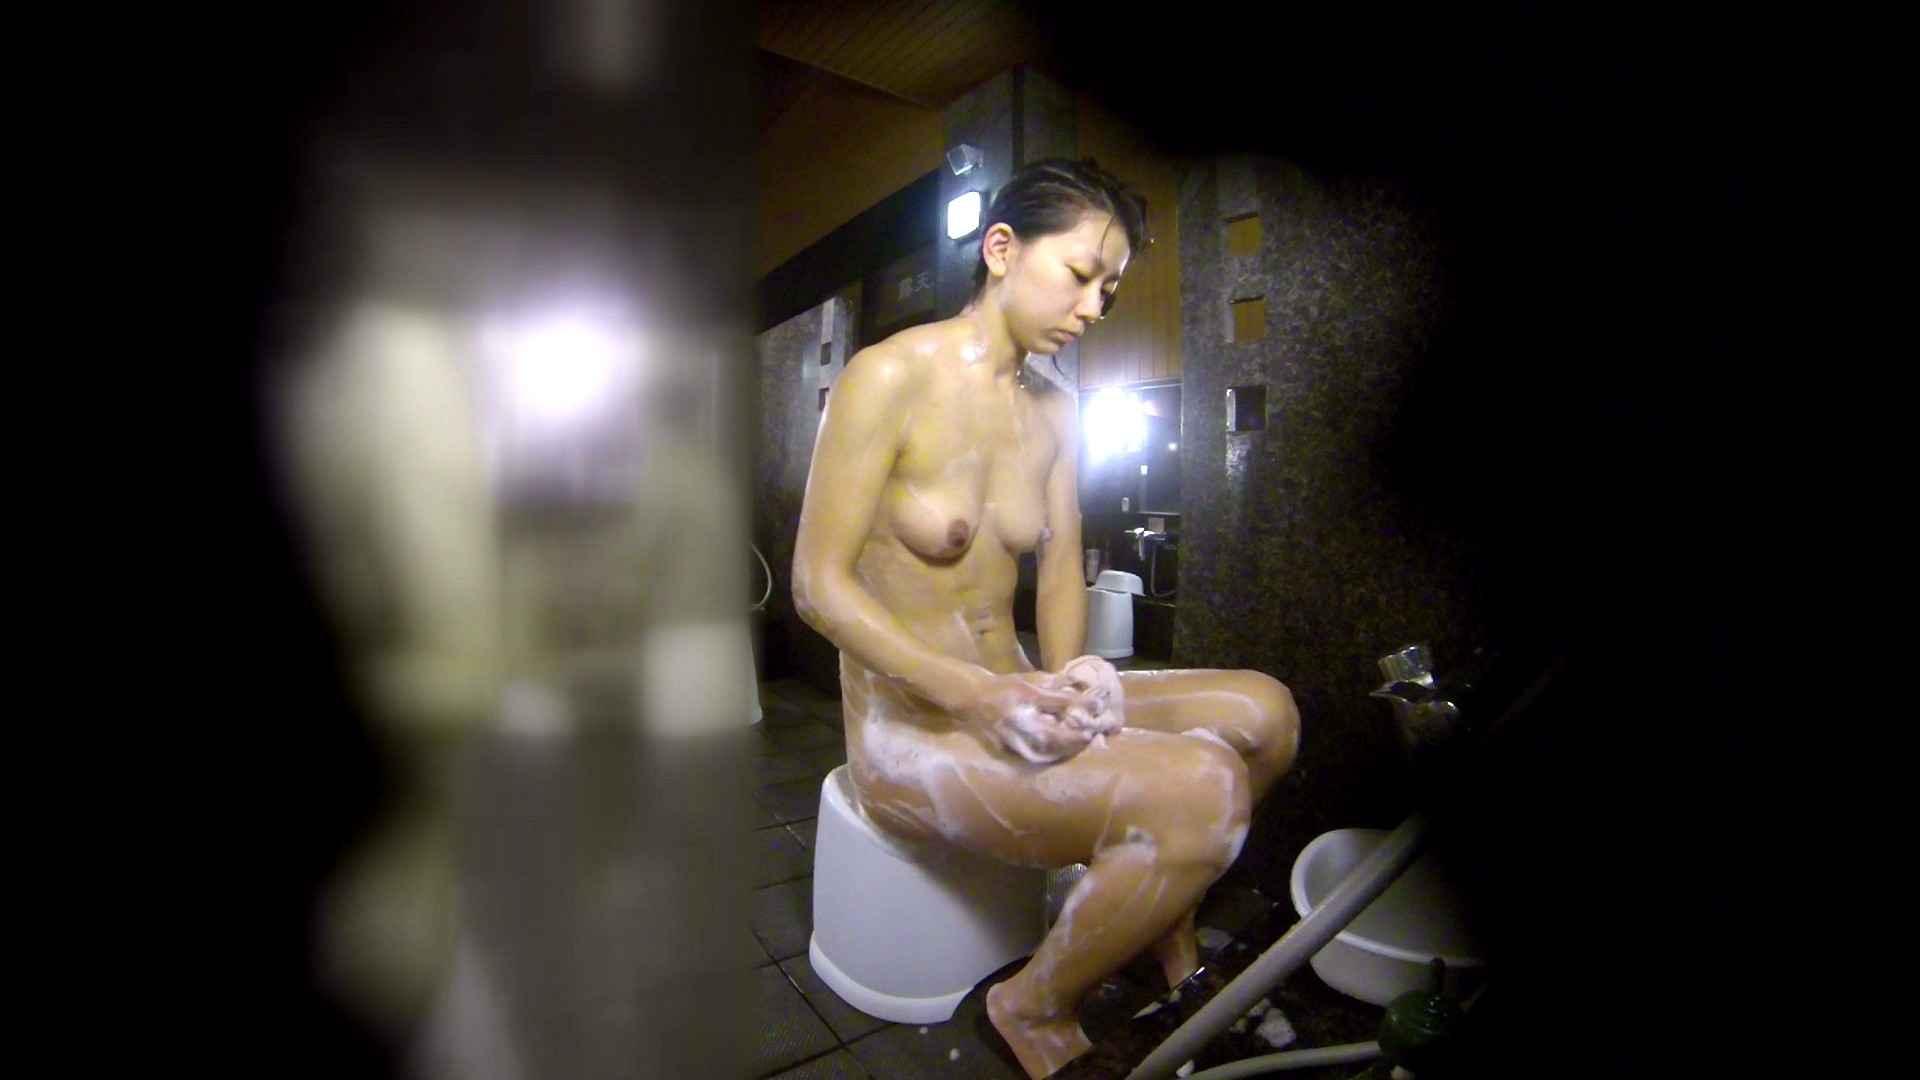 洗い場!綺麗なお女市さんは好きですか? 細身体型 | 女湯のぞき  93枚 67